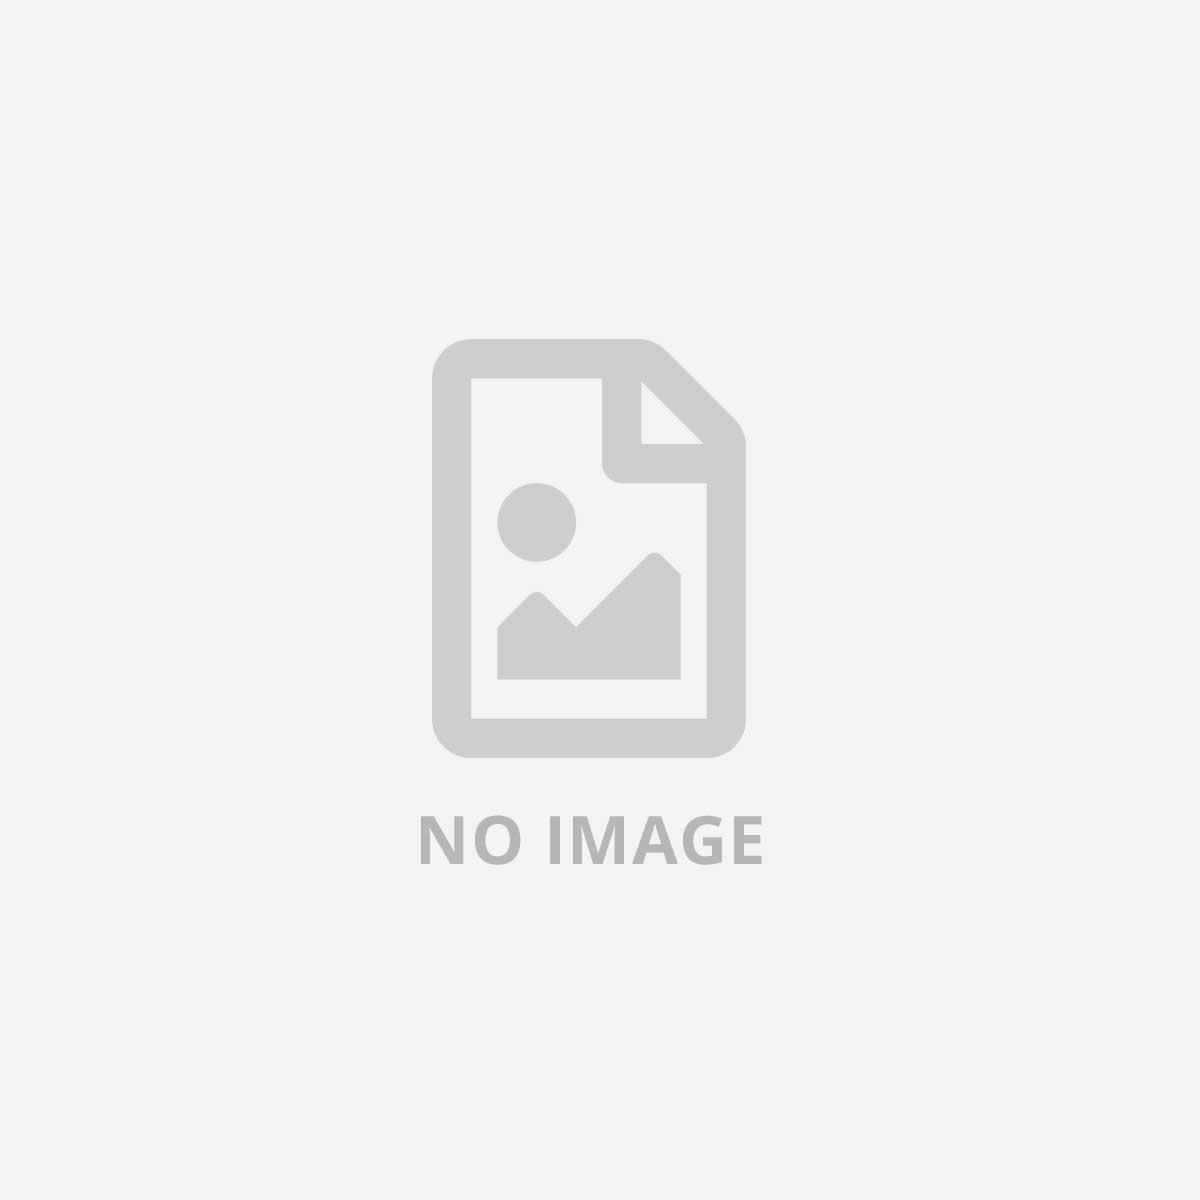 LENOVO P330 I5-8500 4GB 256 W10PRO